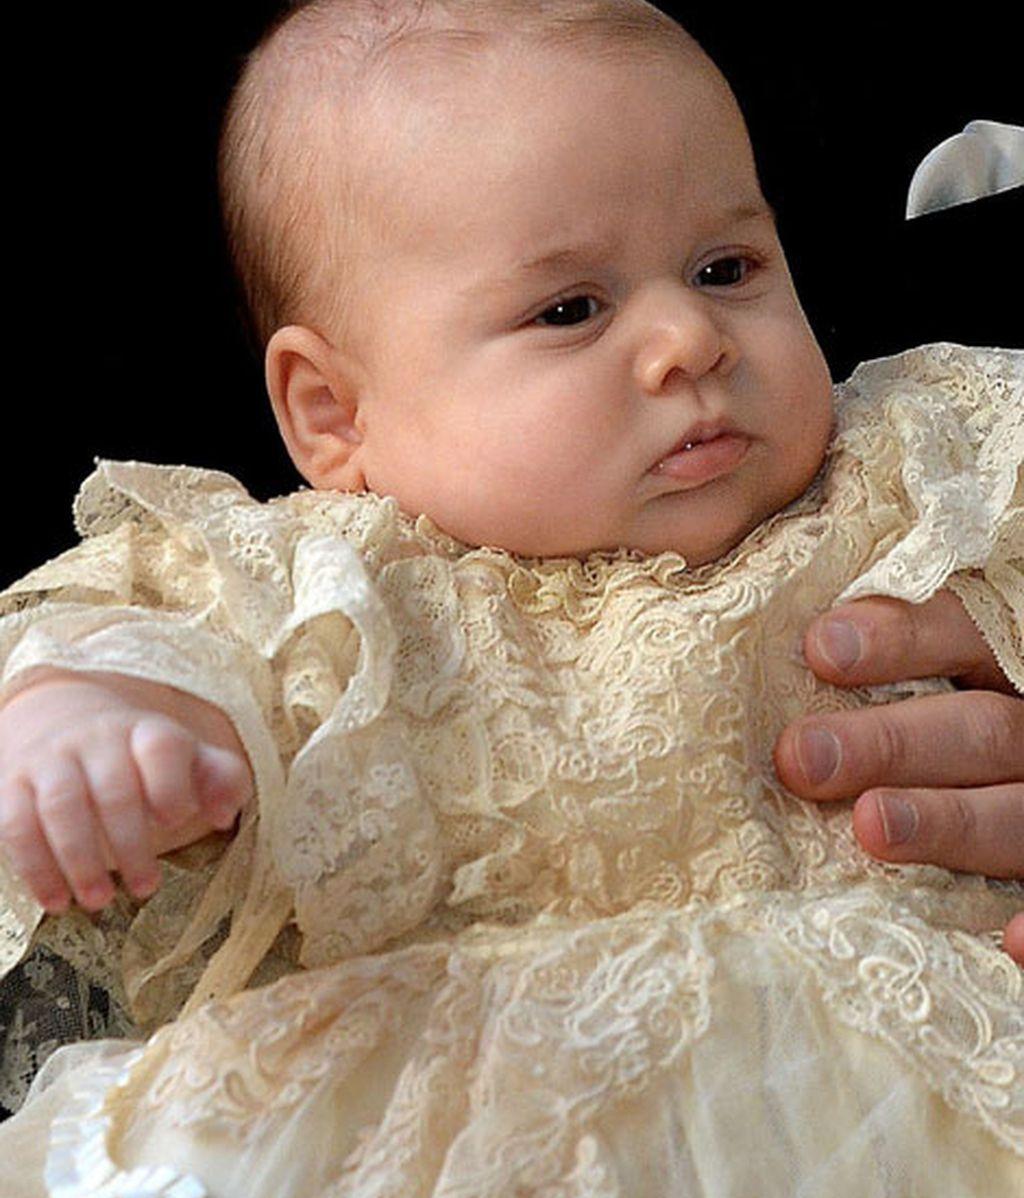 El ajuar de bautizo de los bebés reales es siempre el mismo